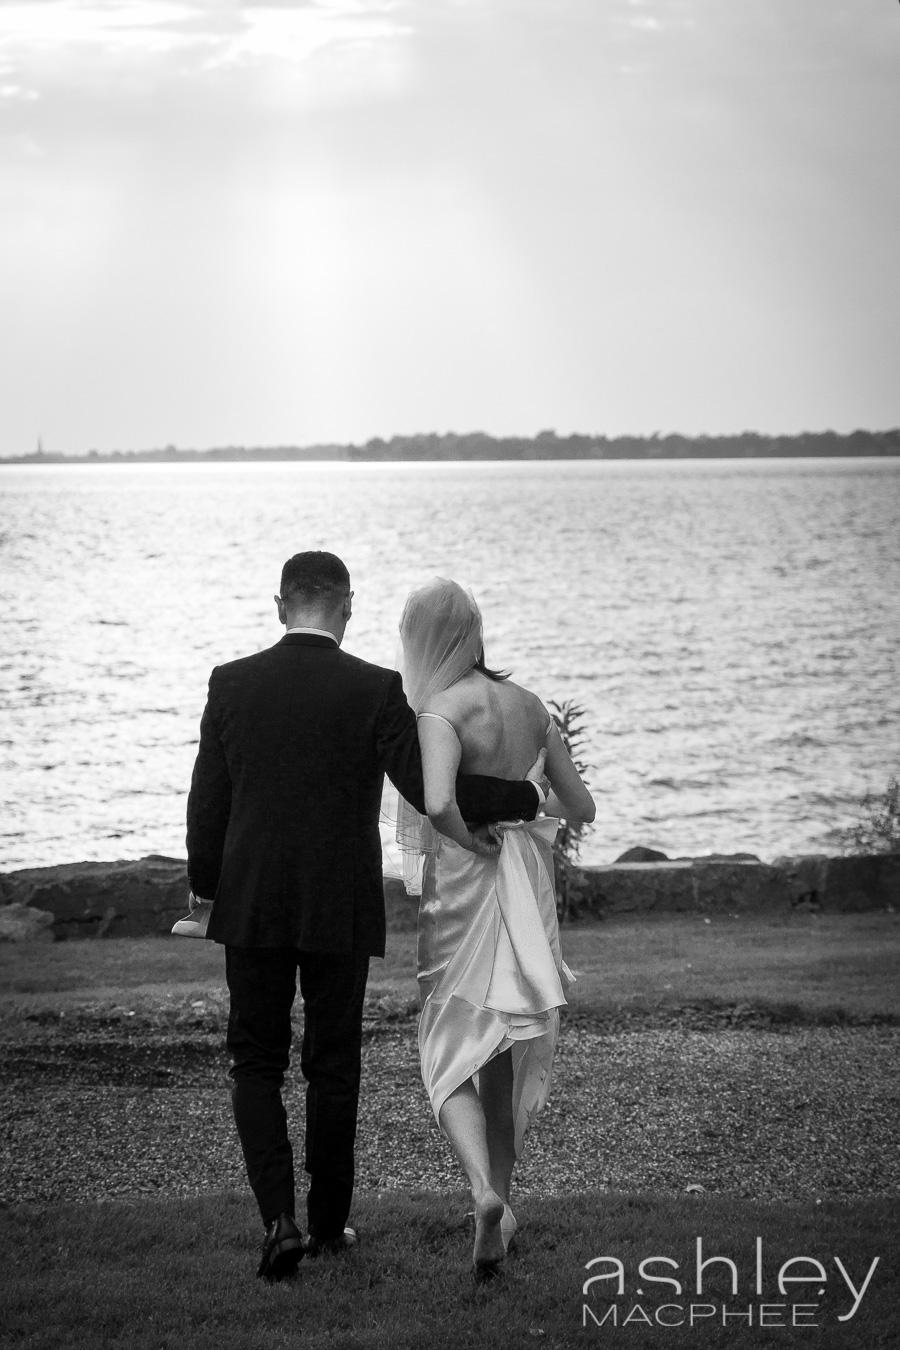 Ashley MacPhee Photography Montreal Wedding (6 of 11).jpg